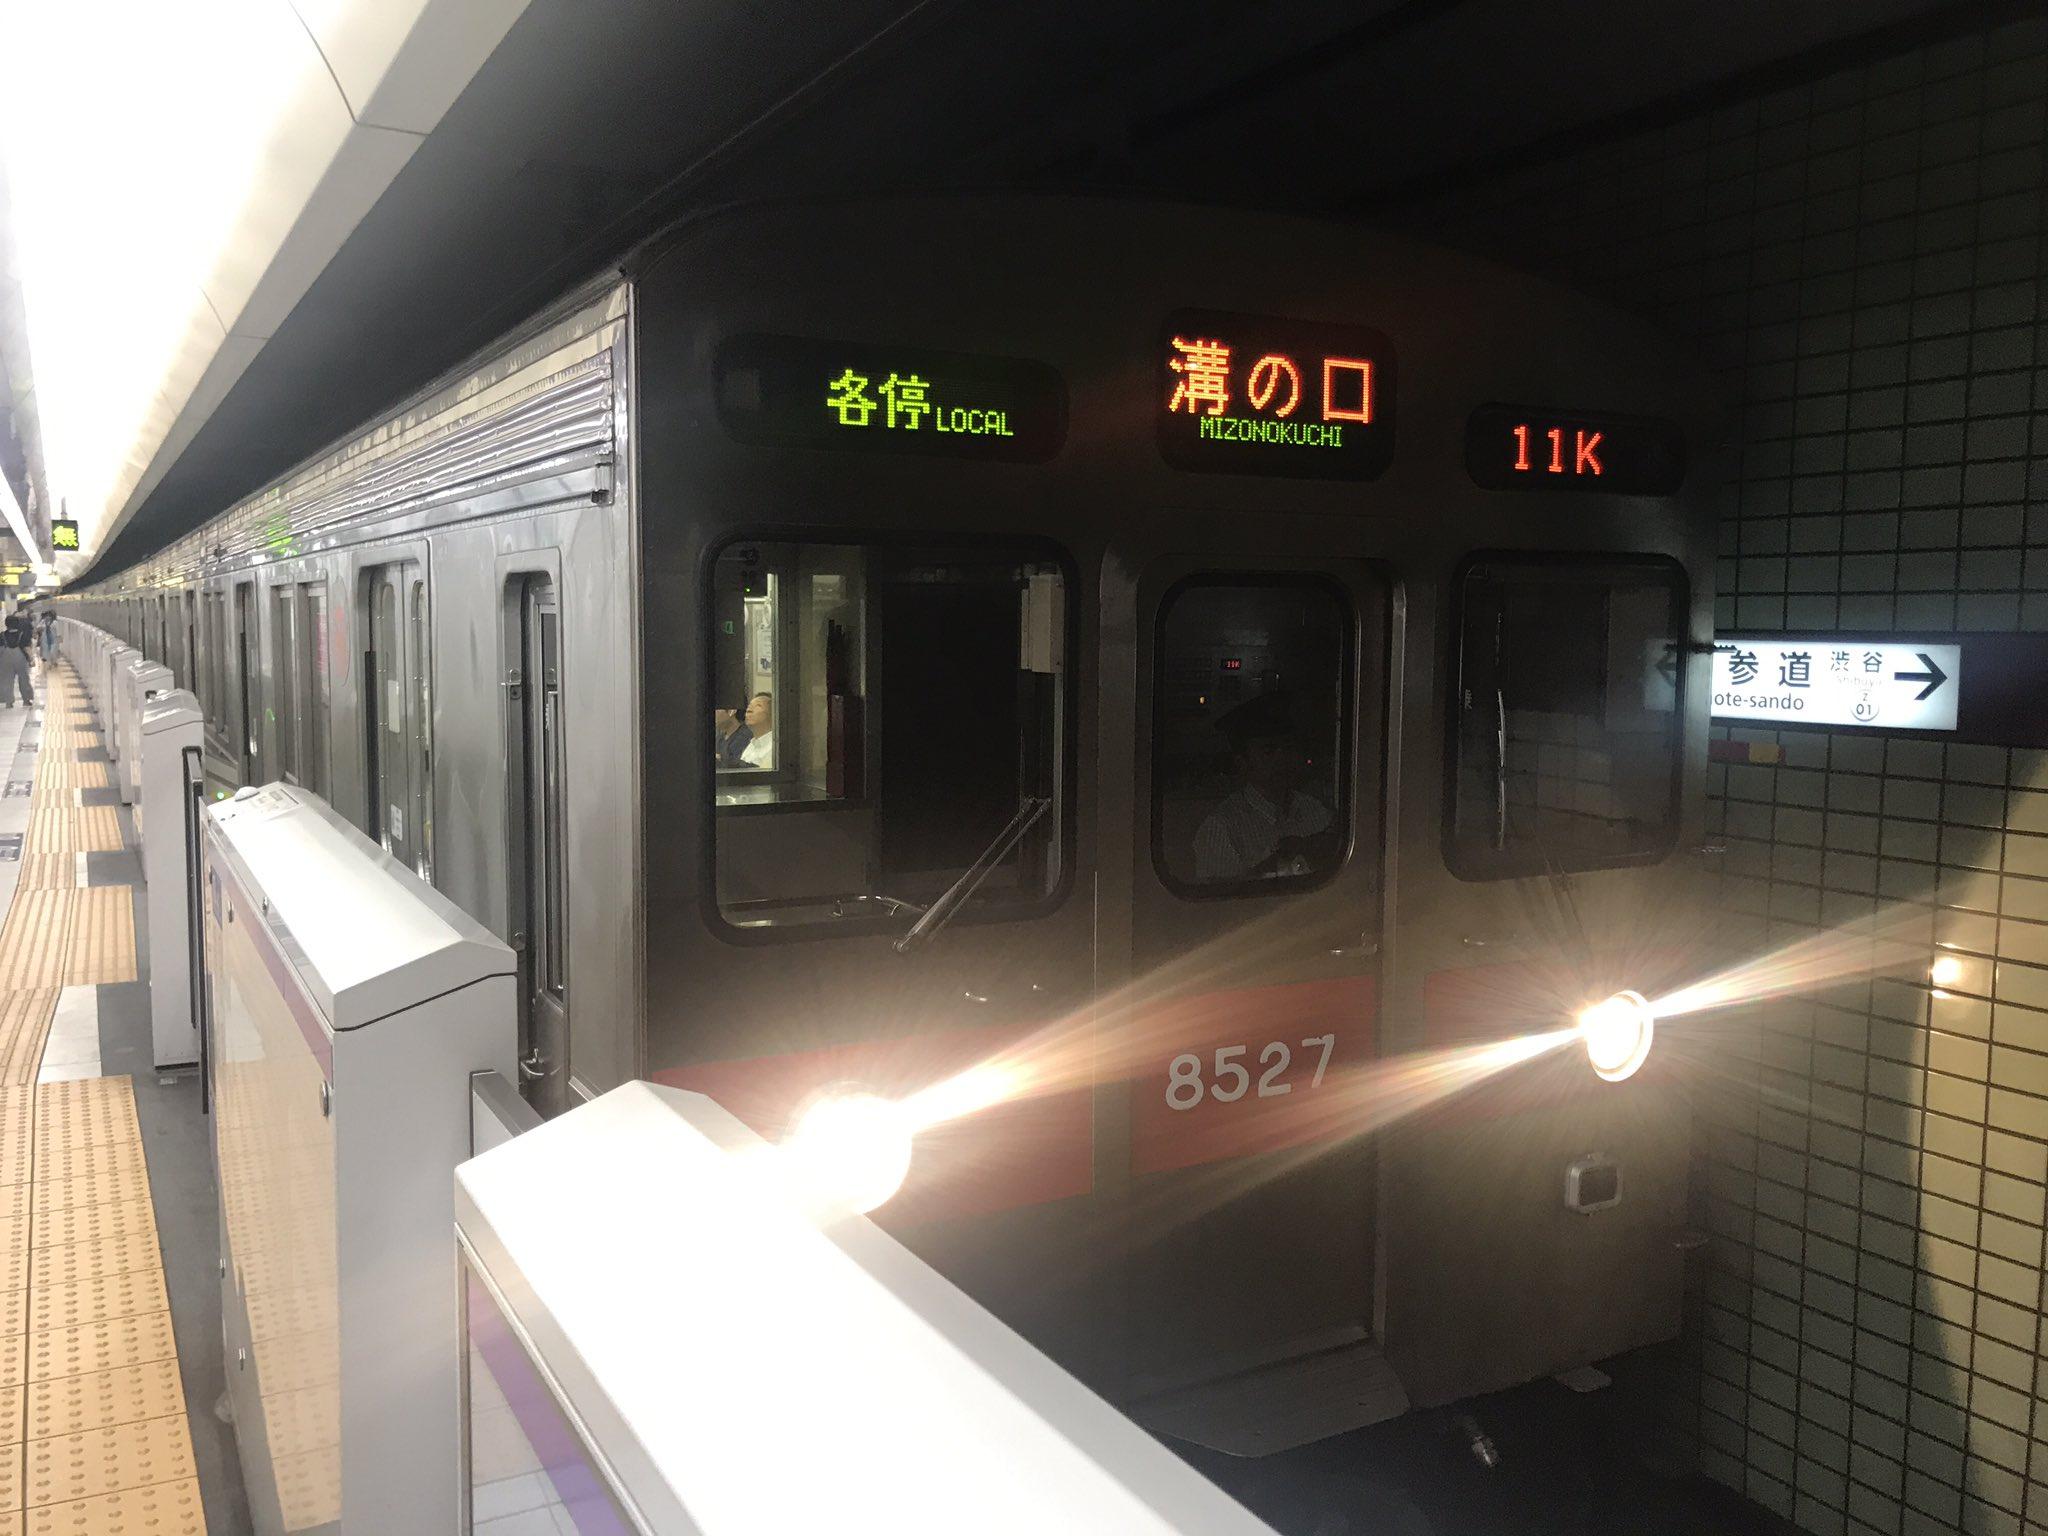 東急田園都市線の宮崎台駅で人身事故が起きた現場の画像